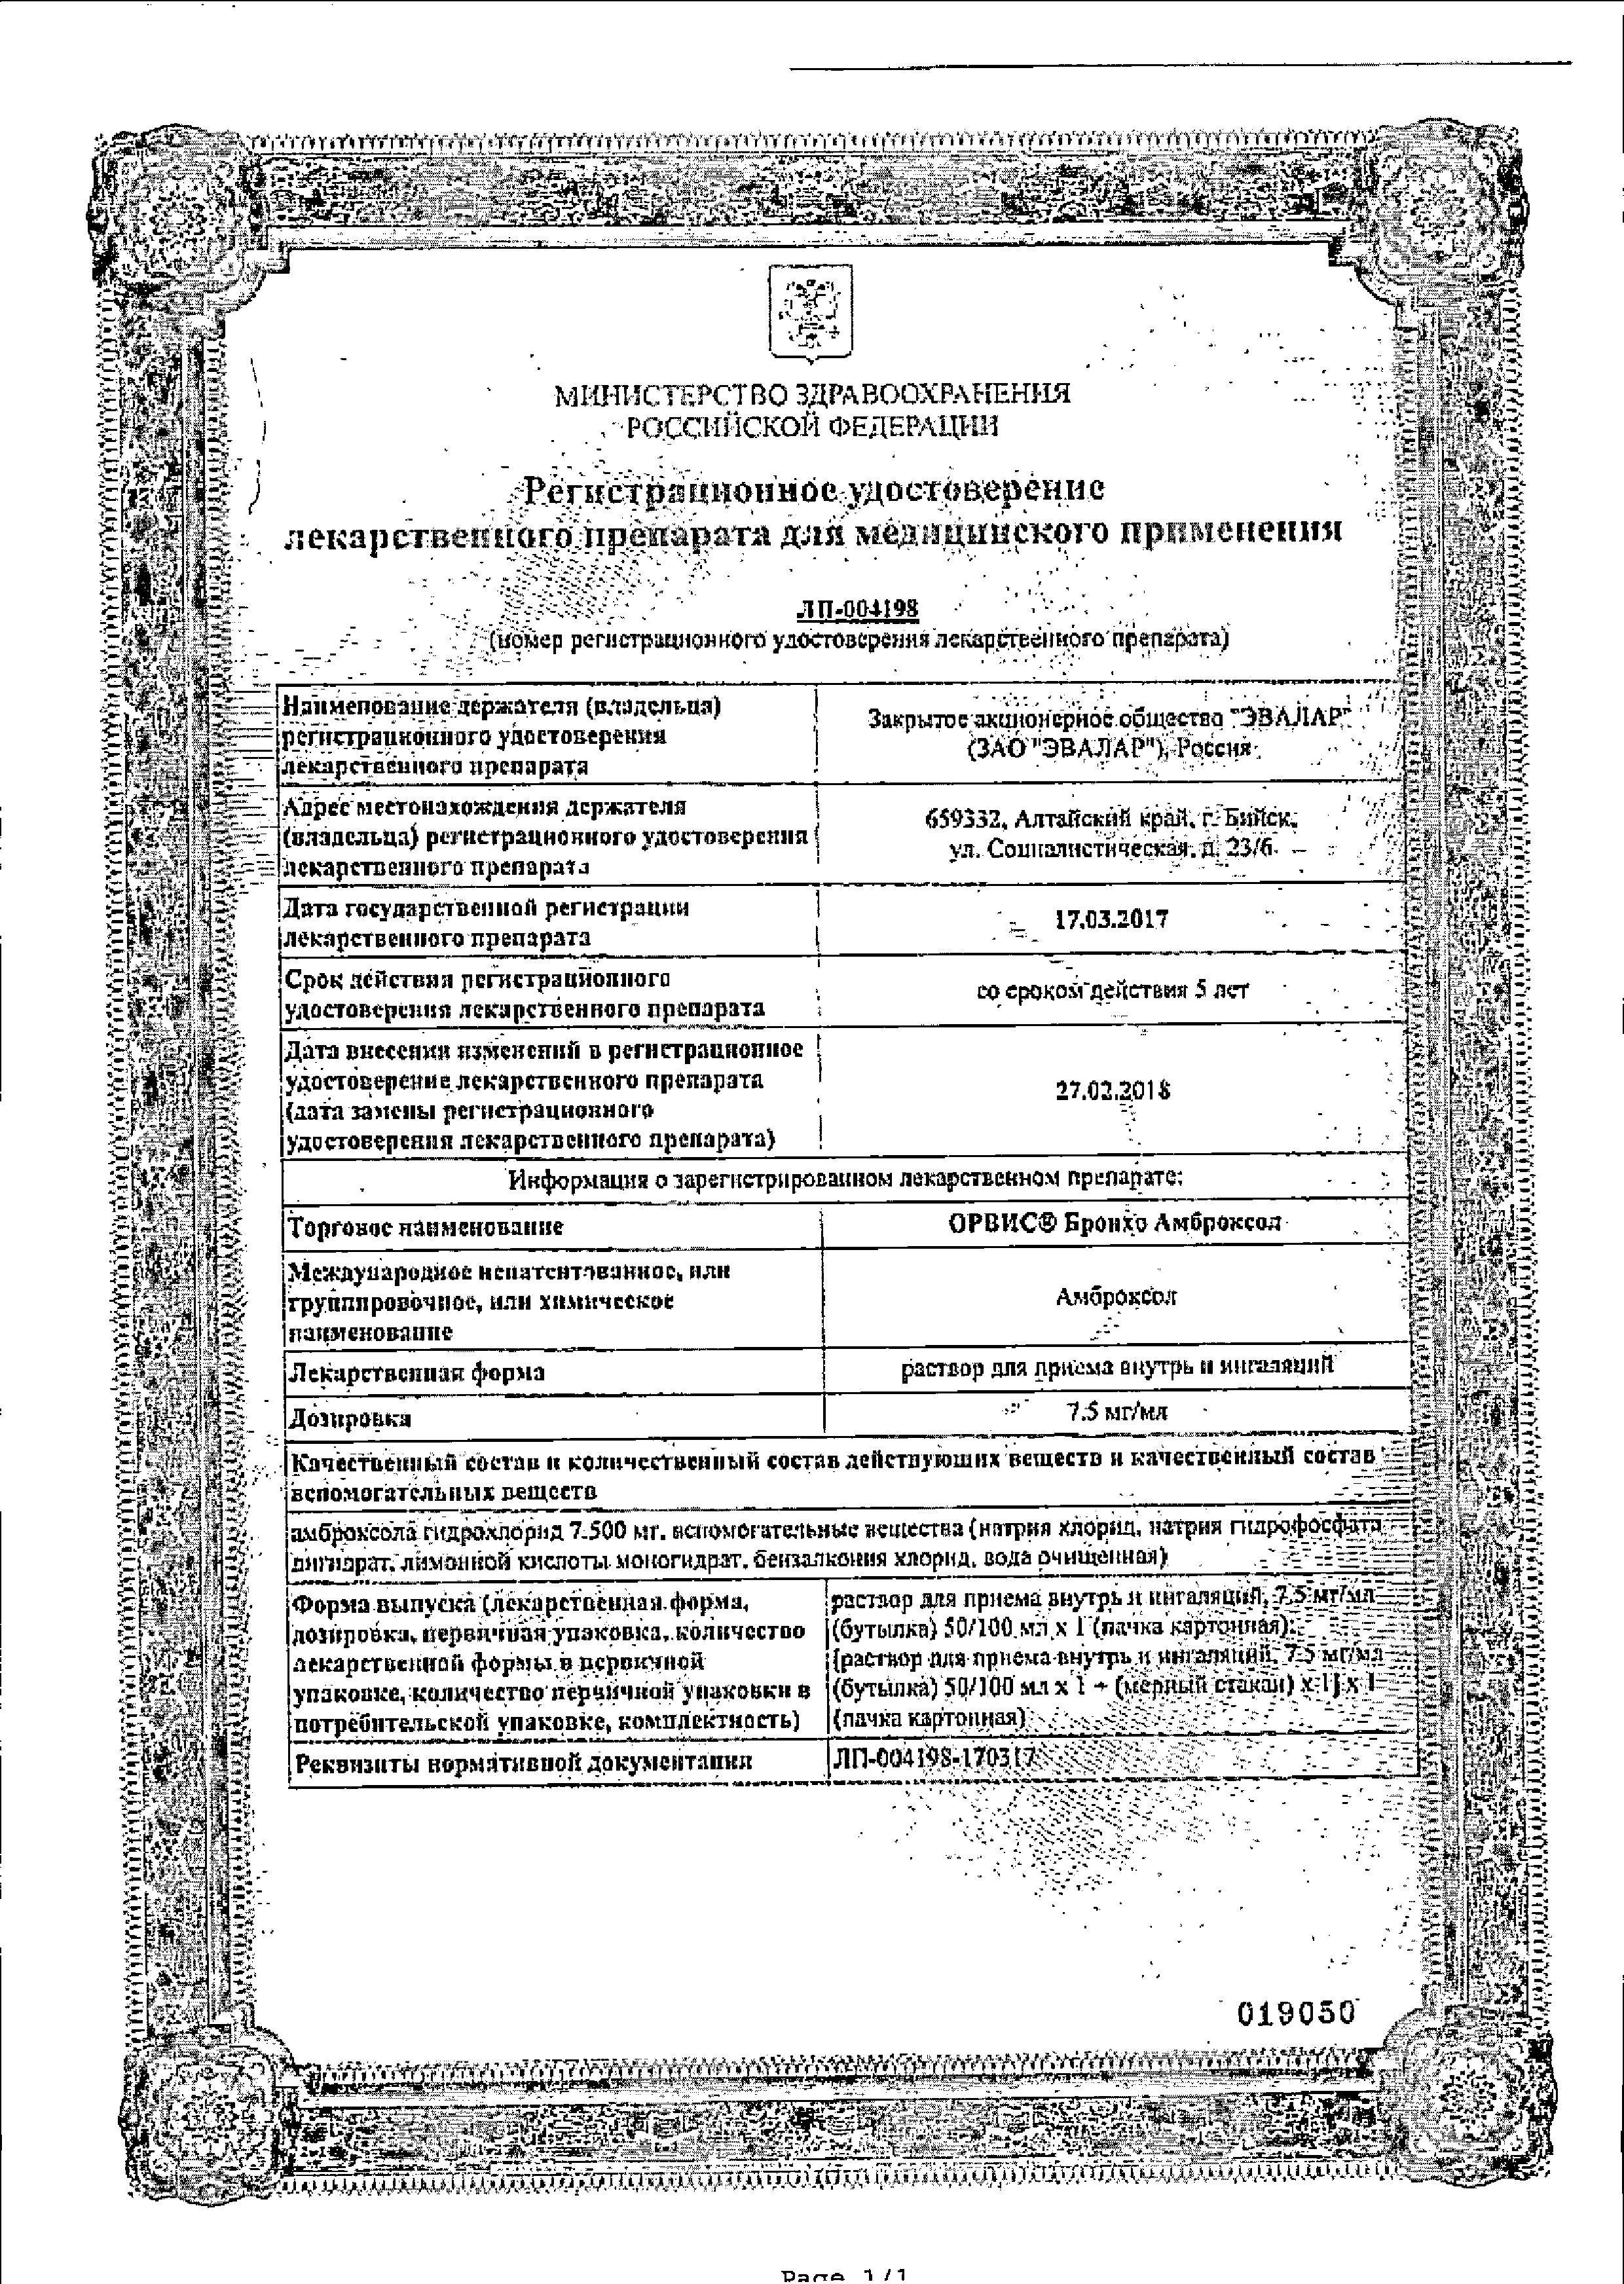 Орвис Бронхо Амброксол сертификат